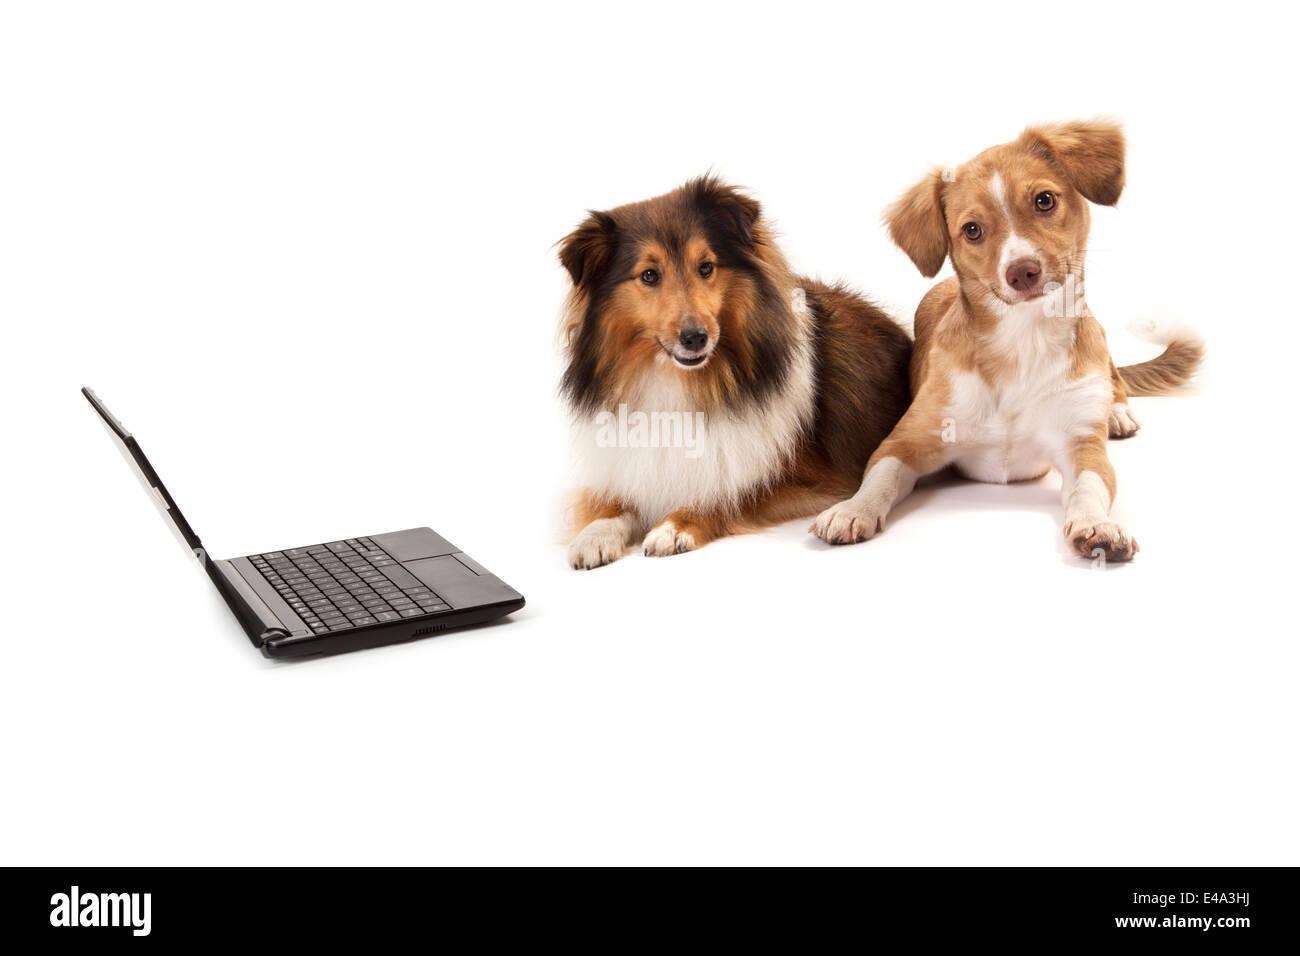 Shetland sheepdog and mixed breed dog sitting near laptop over white background - Stock Image